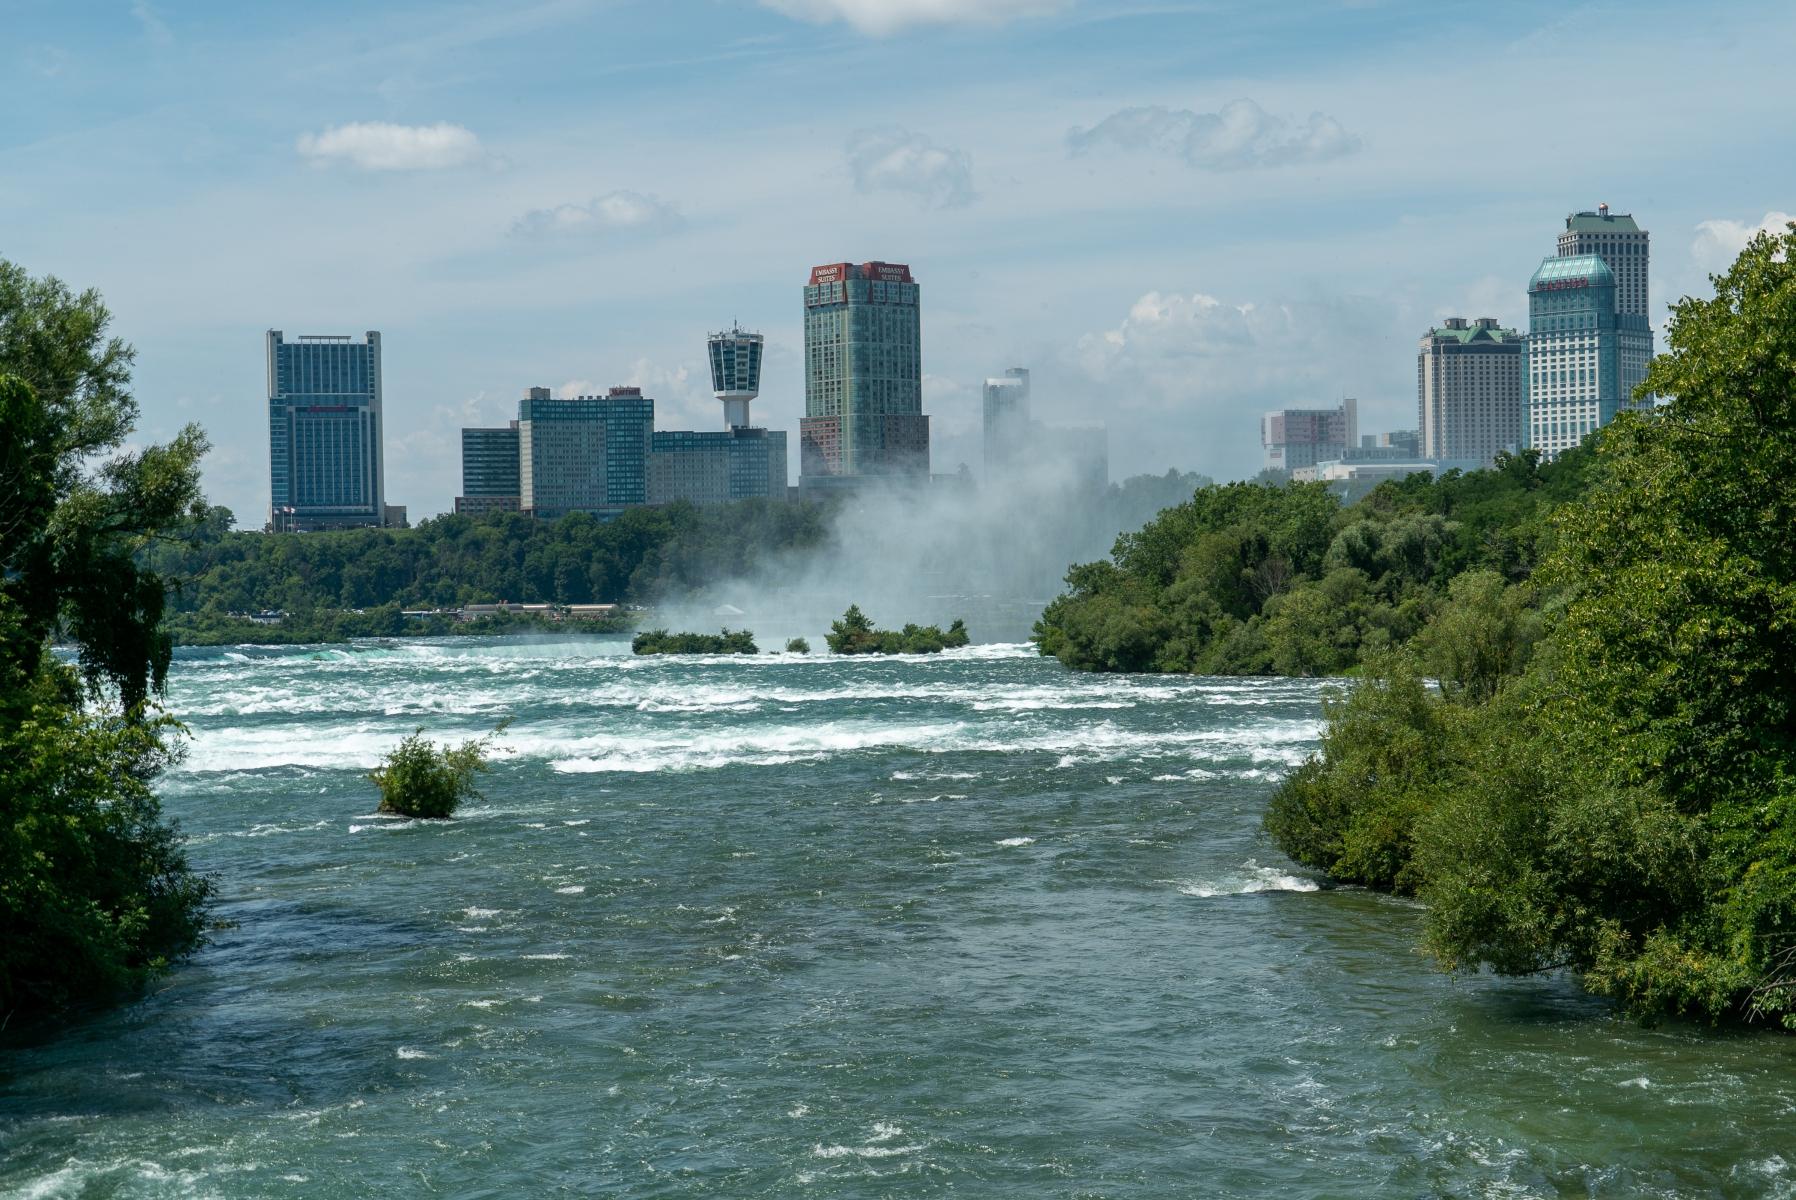 Mist from Niagara Falls